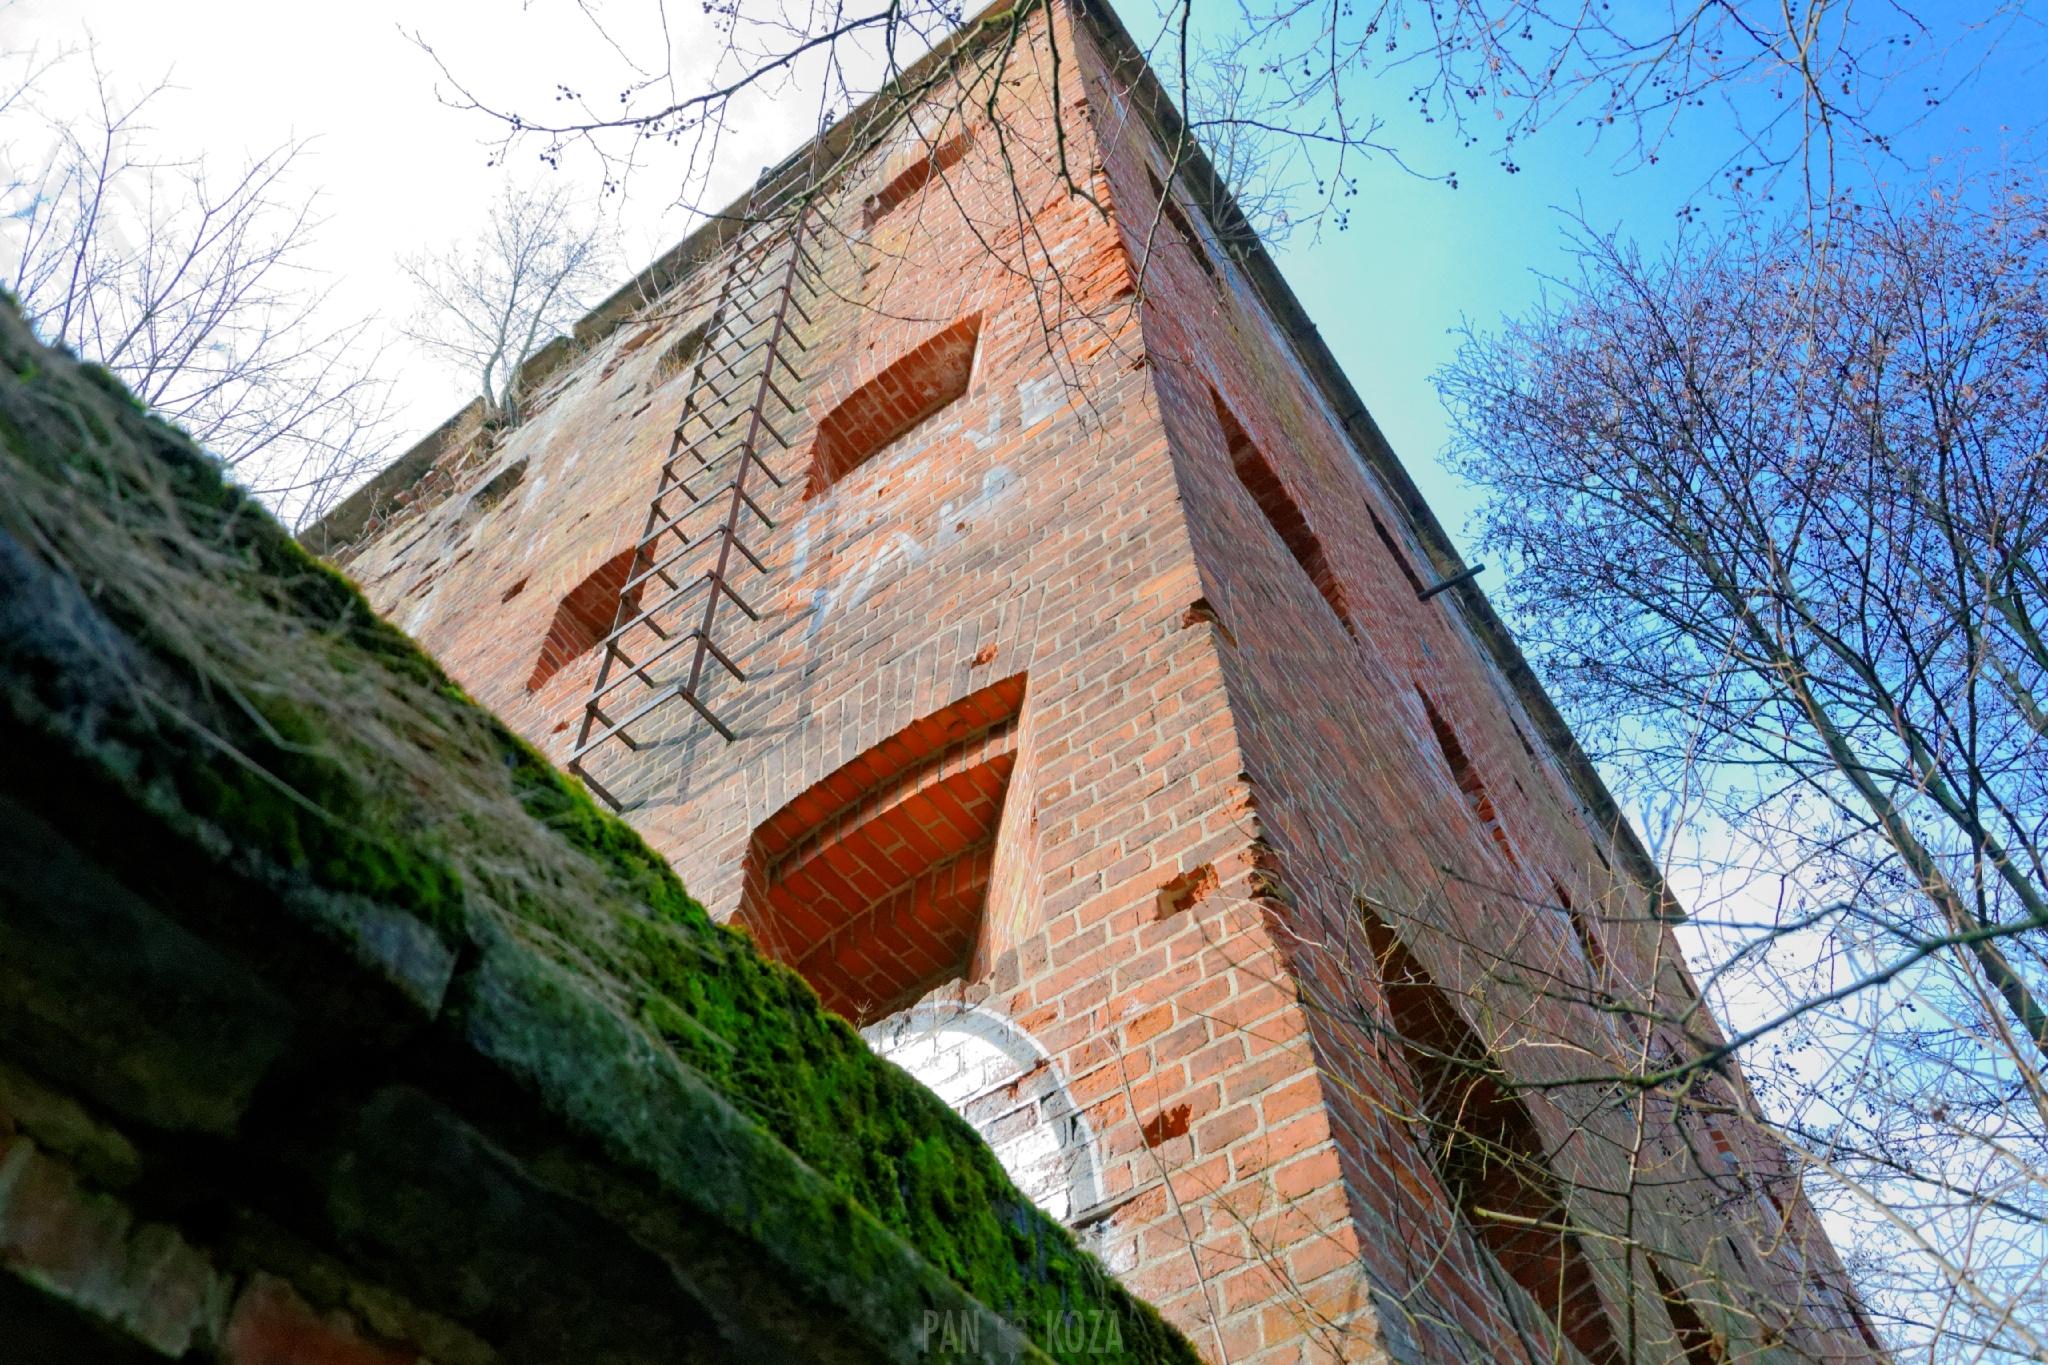 Pan Artur - Wieże obronne - bunkry - Tomaryny